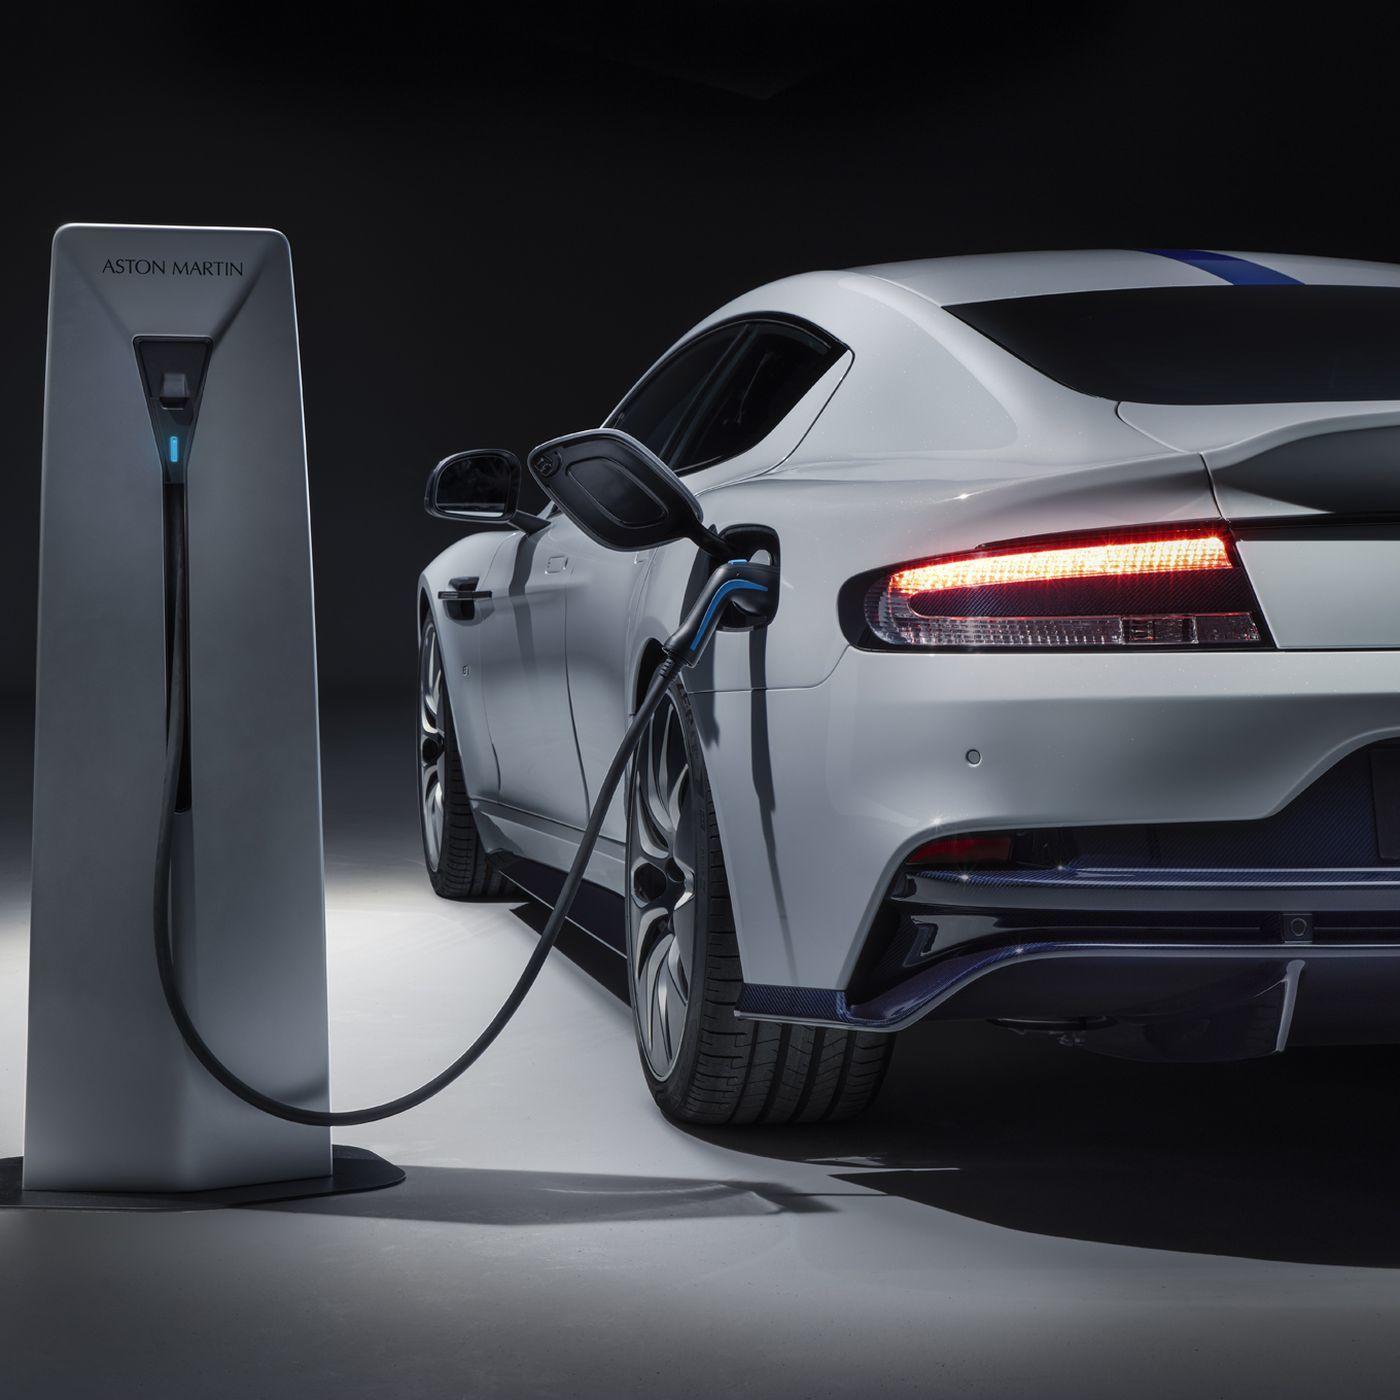 Thái Lan tham vọng trở thành trung tâm sản xuất xe điện lớn nhất khu vực